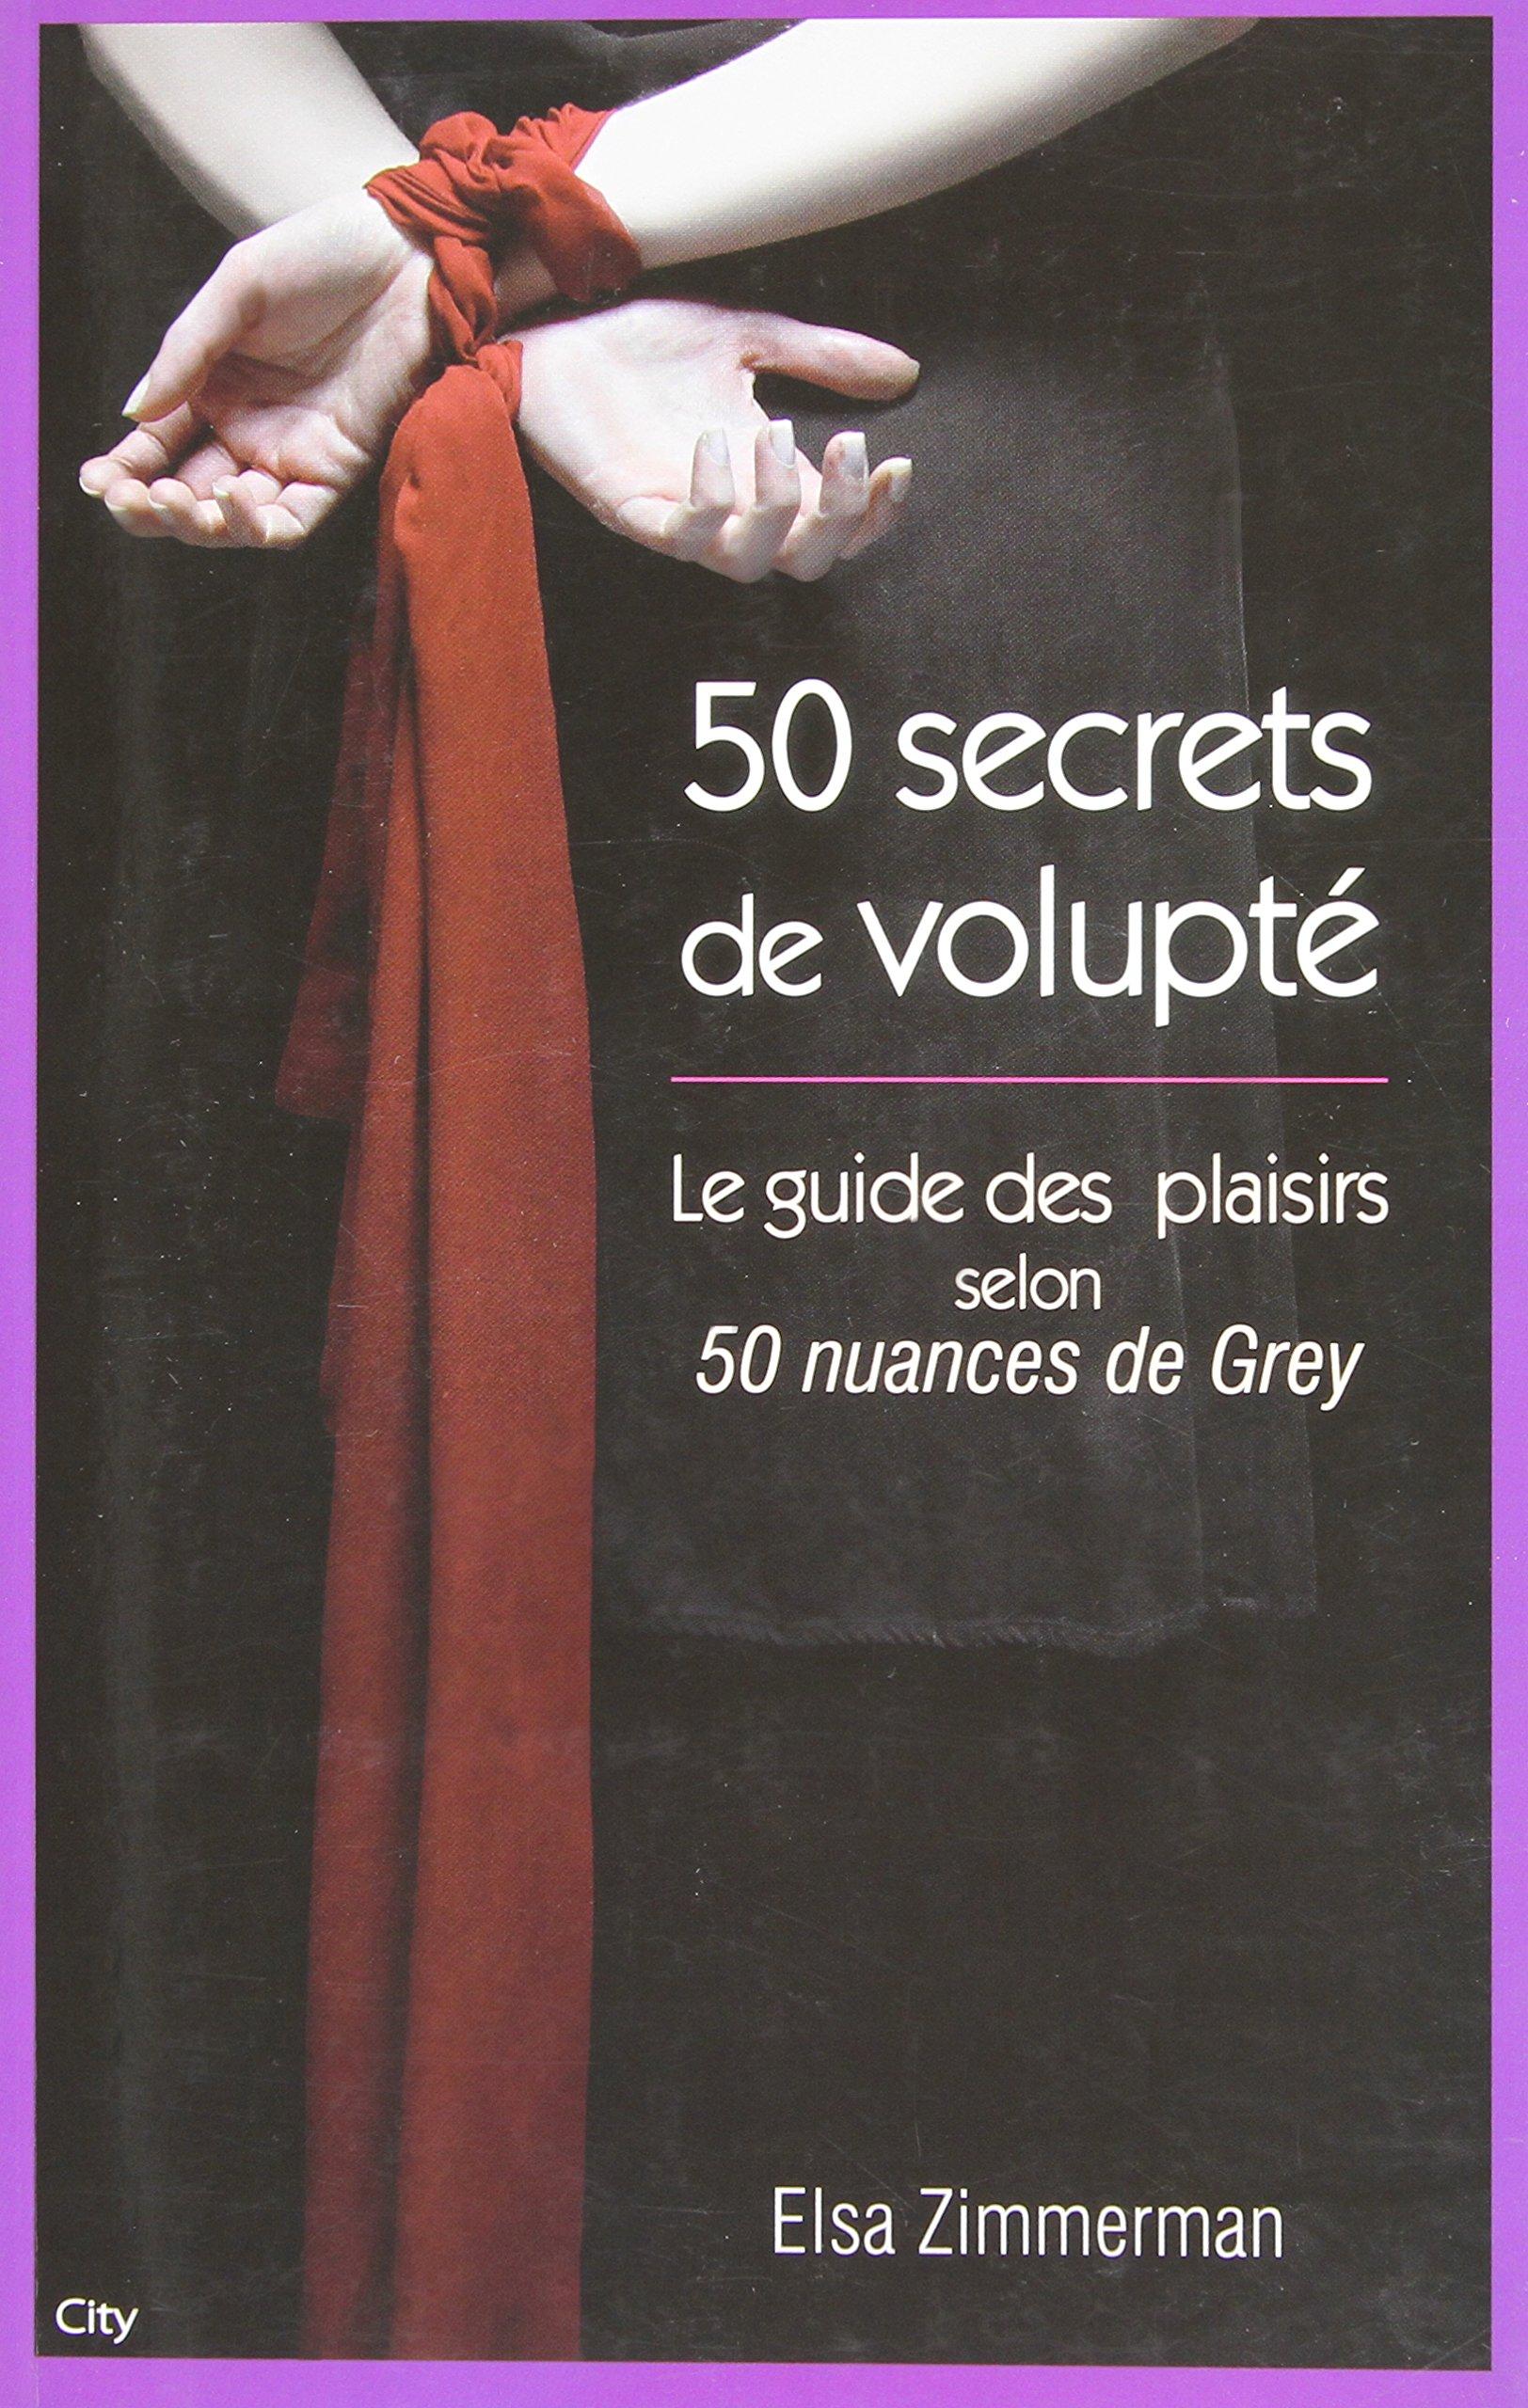 cinquante secrets de volupté - Le guide du plaisir selon 50 nuances de Grey Broché – 16 janvier 2013 Elsa Zimmerman City Edition 2824602449 Romans